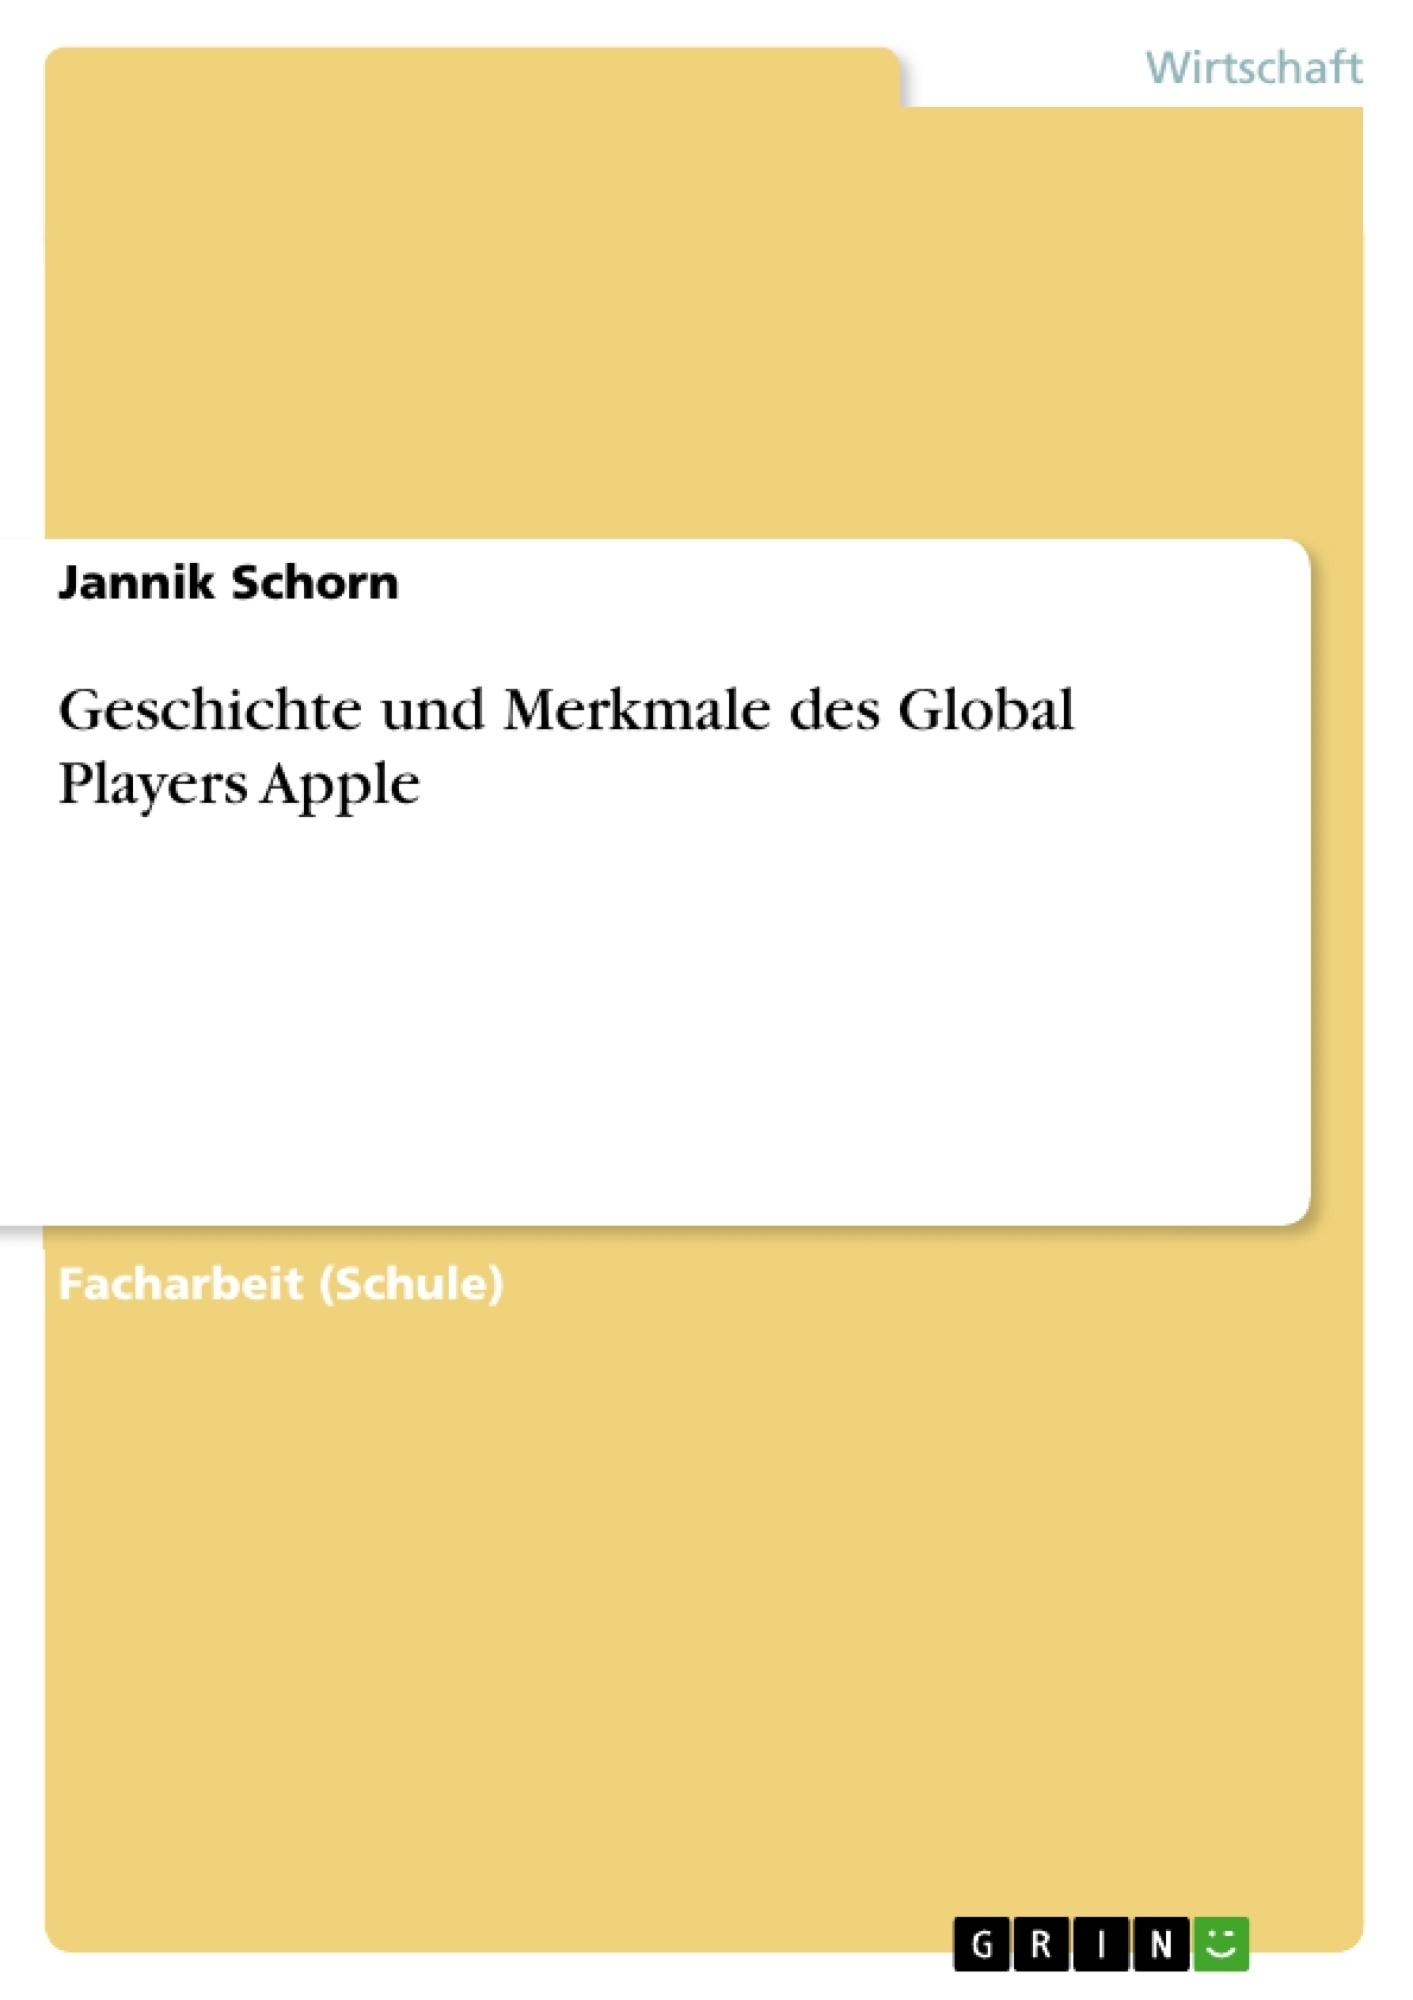 Titel: Geschichte und Merkmale des Global Players Apple